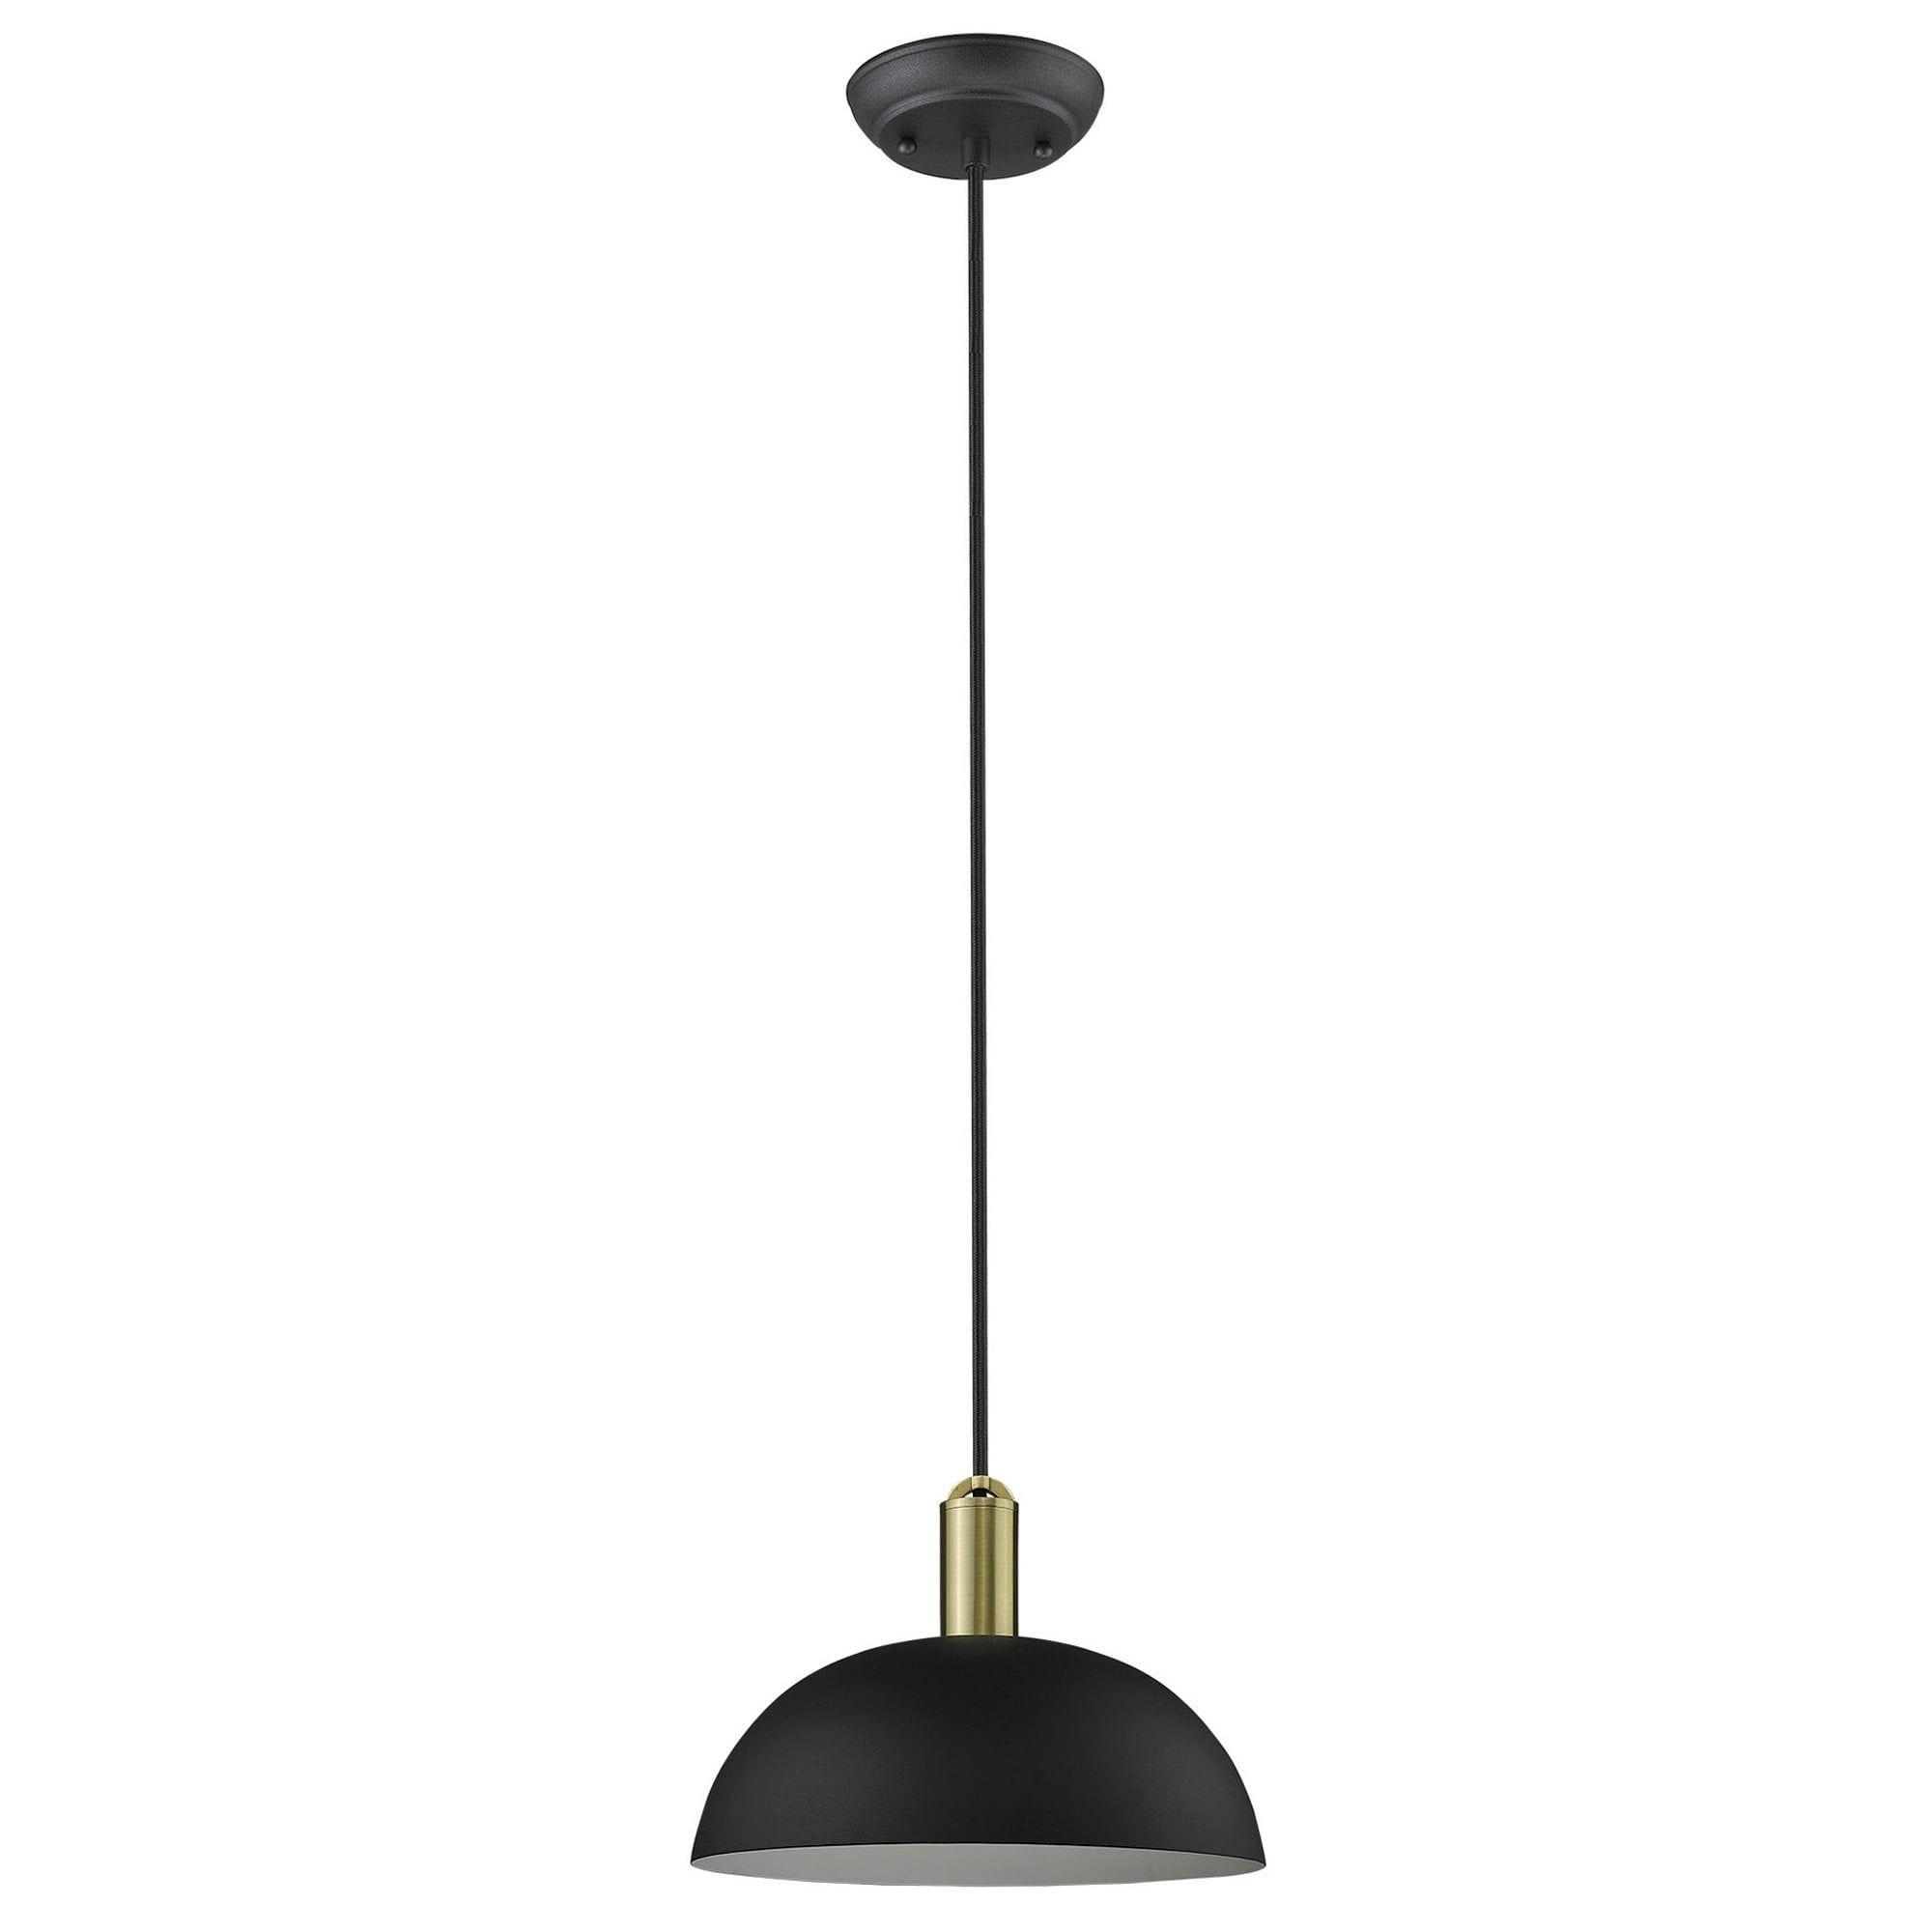 Ingo 1 Light Matte Black Pendant Pendant Lighting Modern